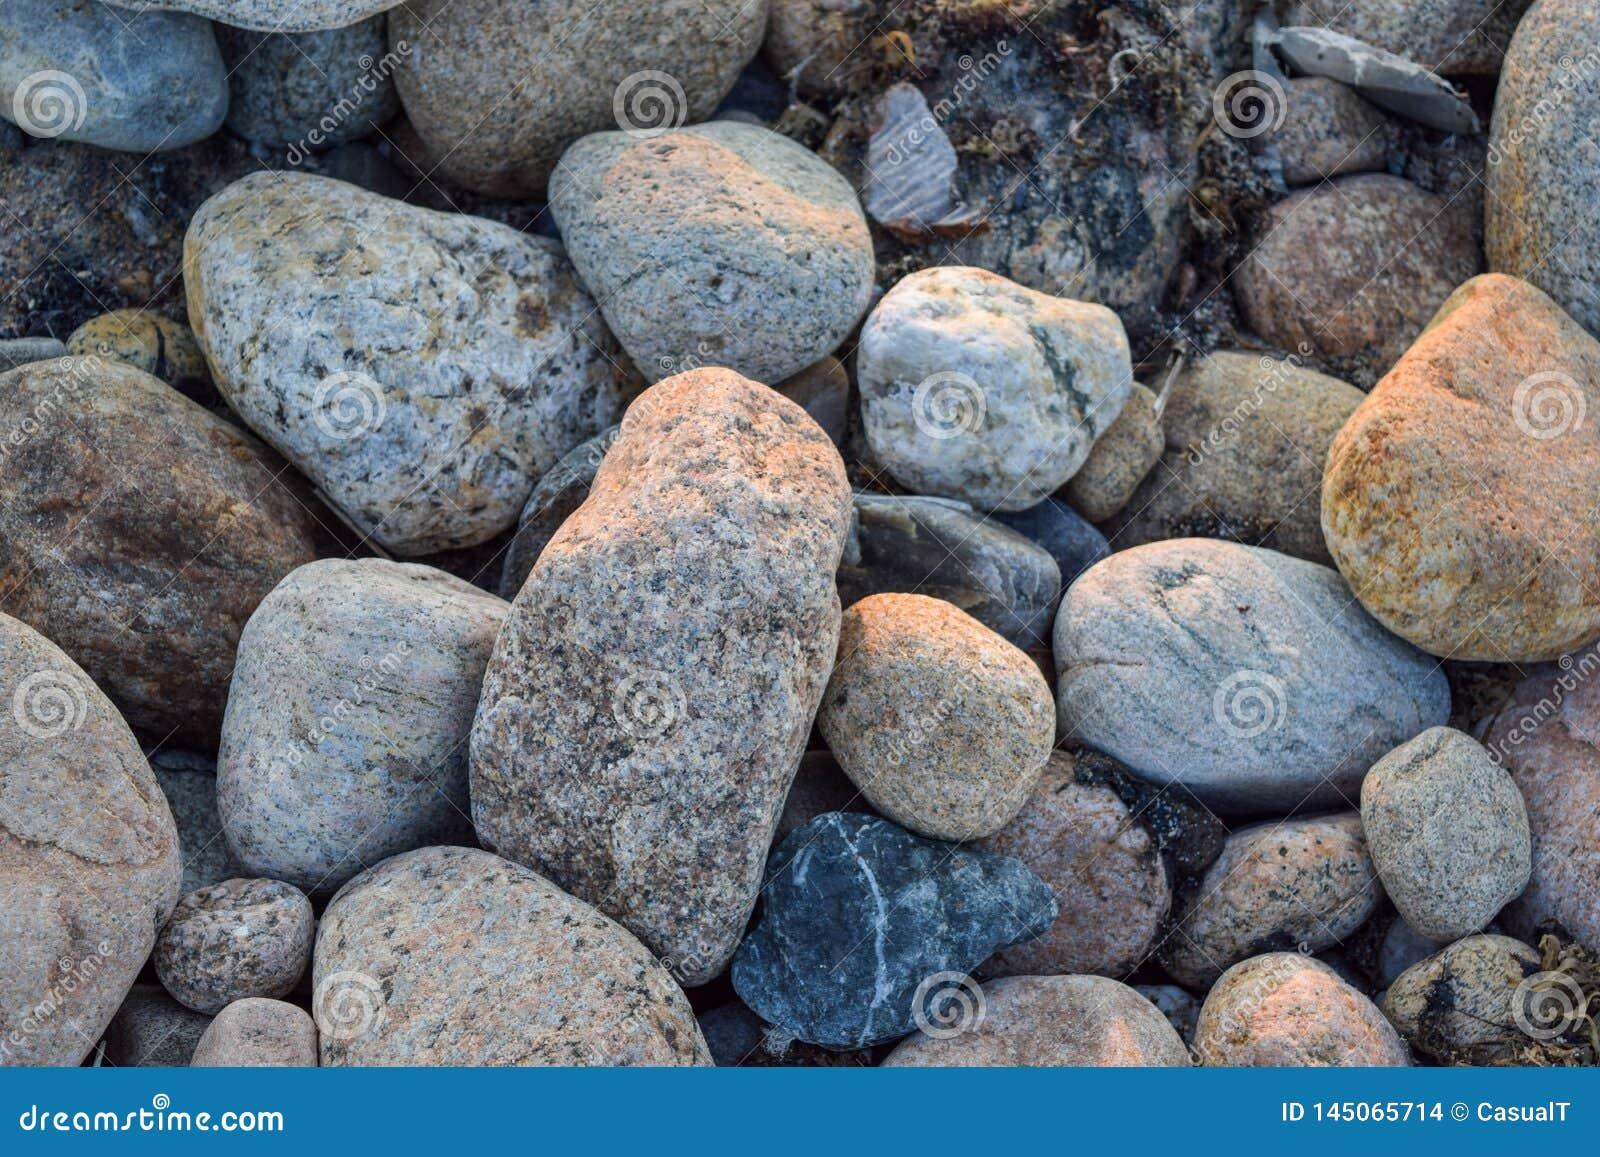 Midsized skały, kamienie i otoczaki w, różnorodnych kolorach i kształtach